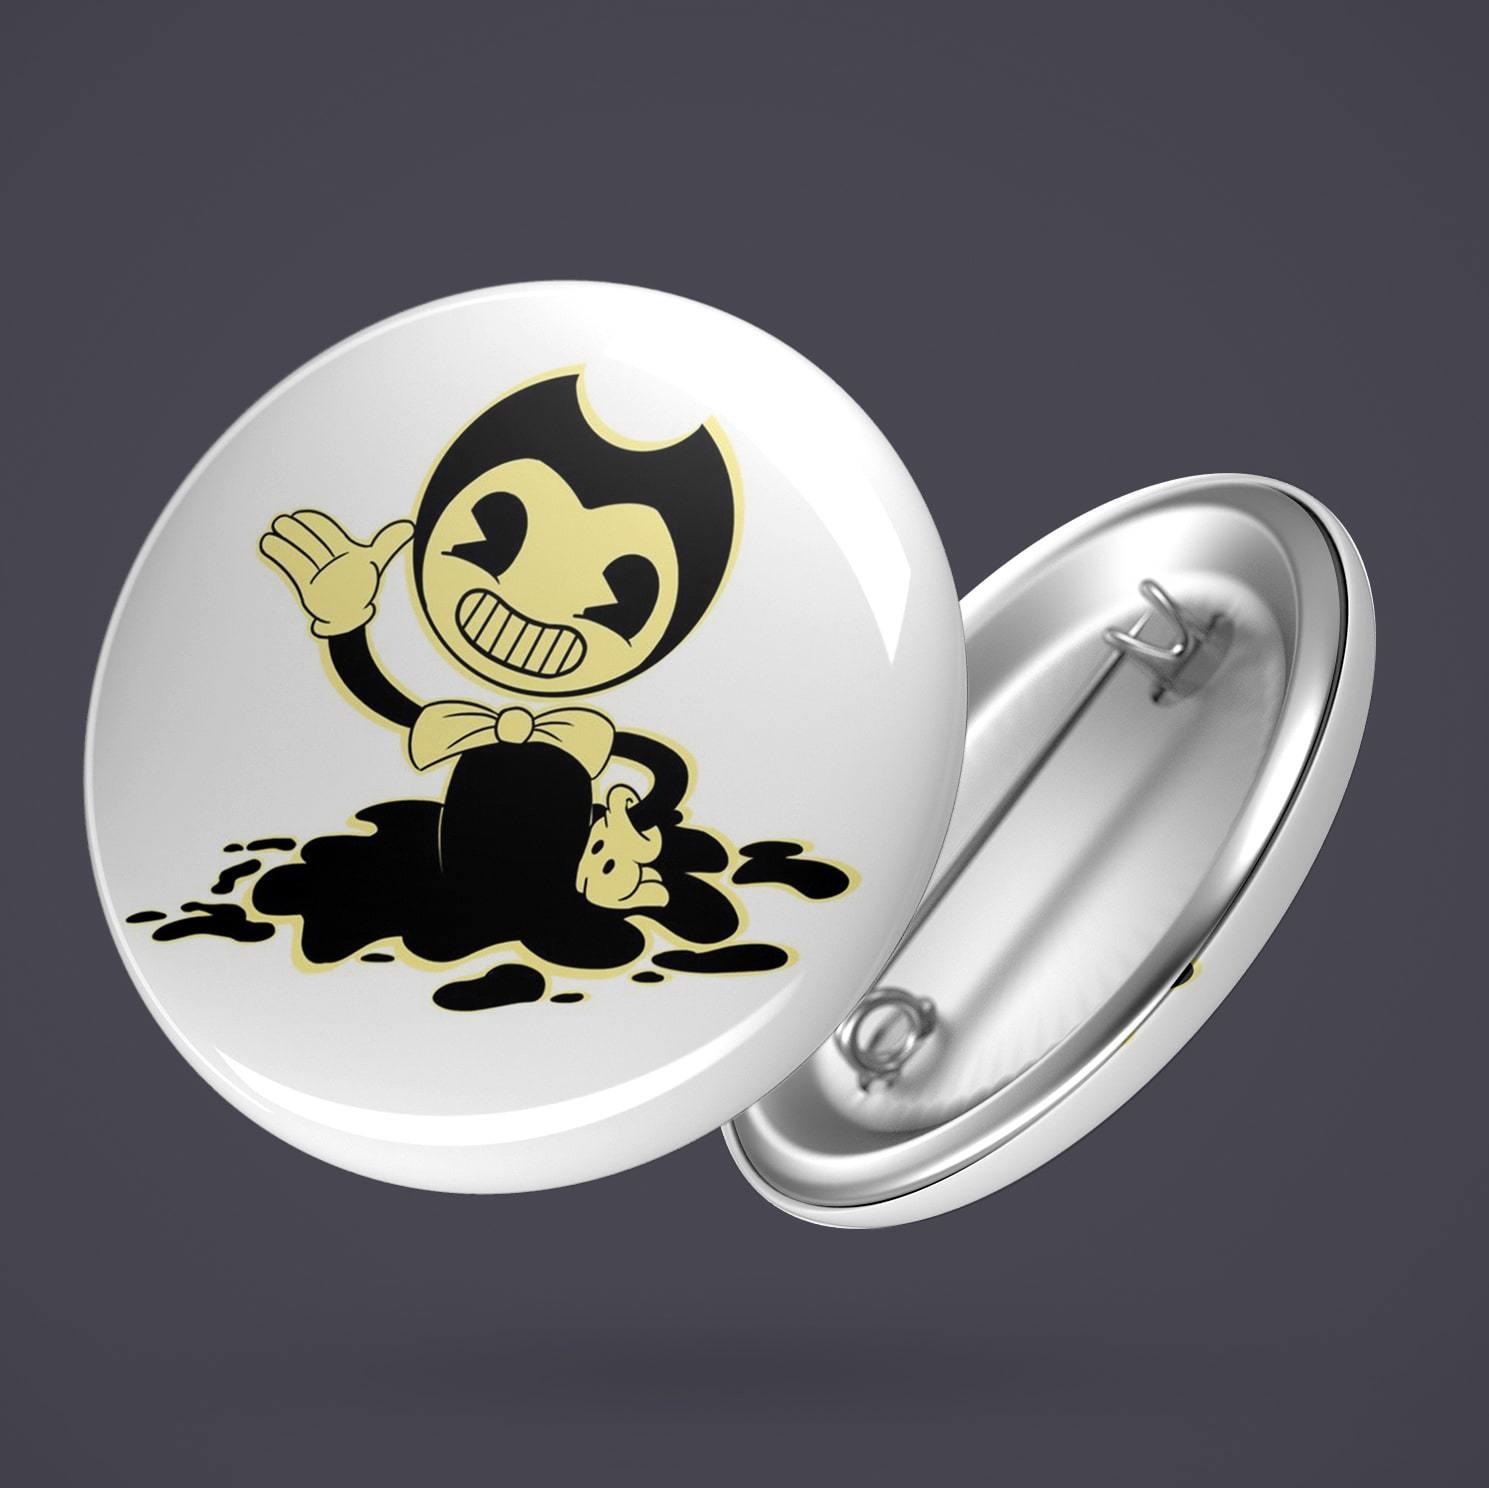 Значок с Бенди №3 - купить в интернет-магазине kinoshop24.ru с быстрой доставкой